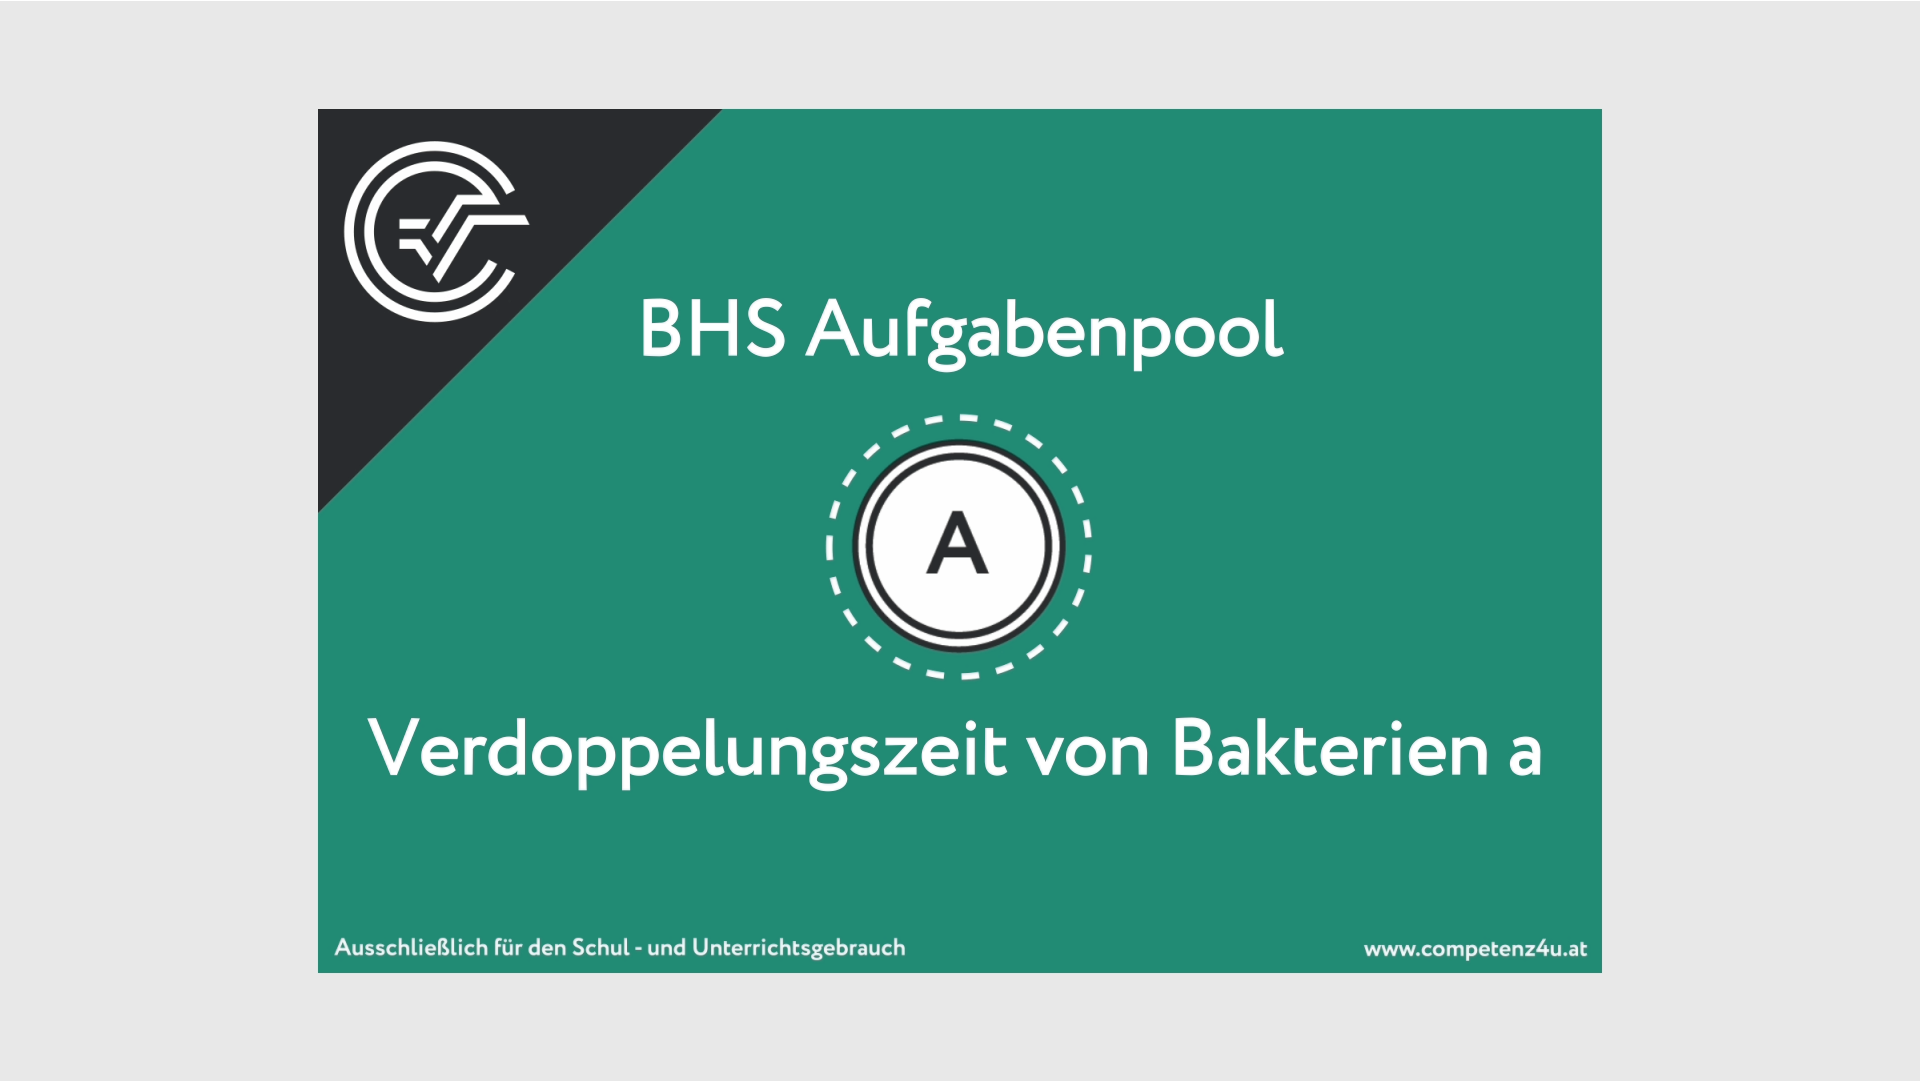 BHS Teil A Bifie Aufgabenpool Bundesministerium für Bildung